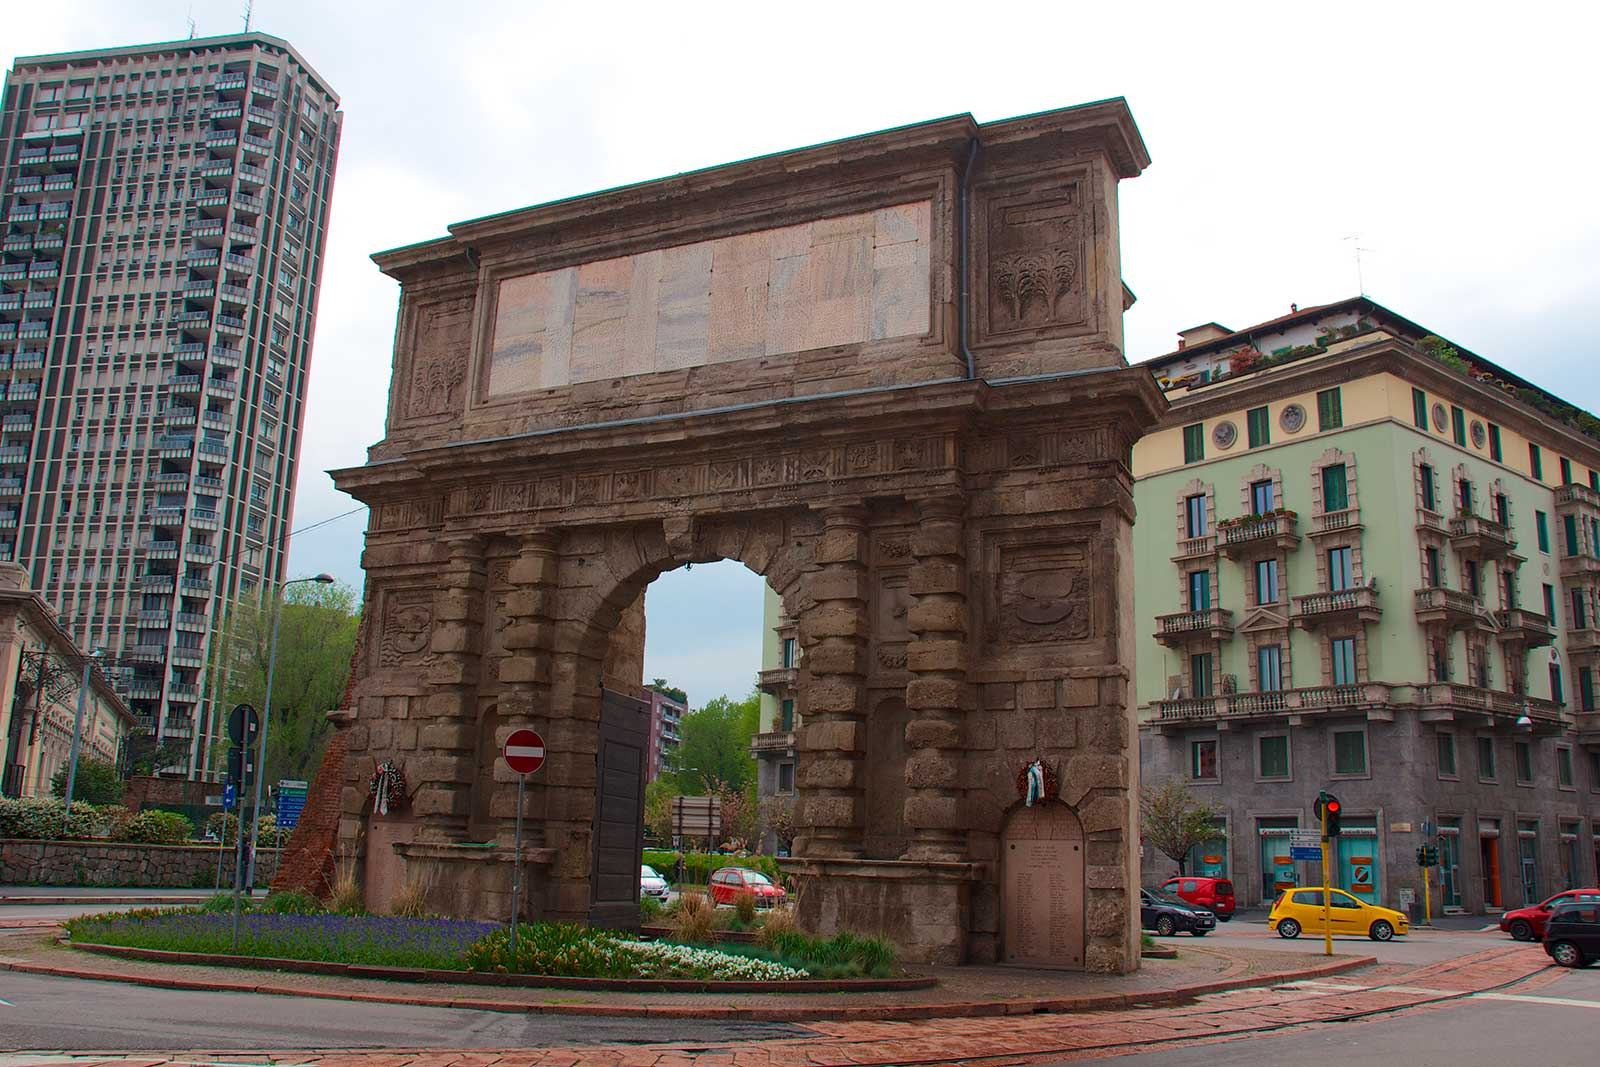 Porta romana milano monumenti in lombardia - Stanza singola milano porta romana ...